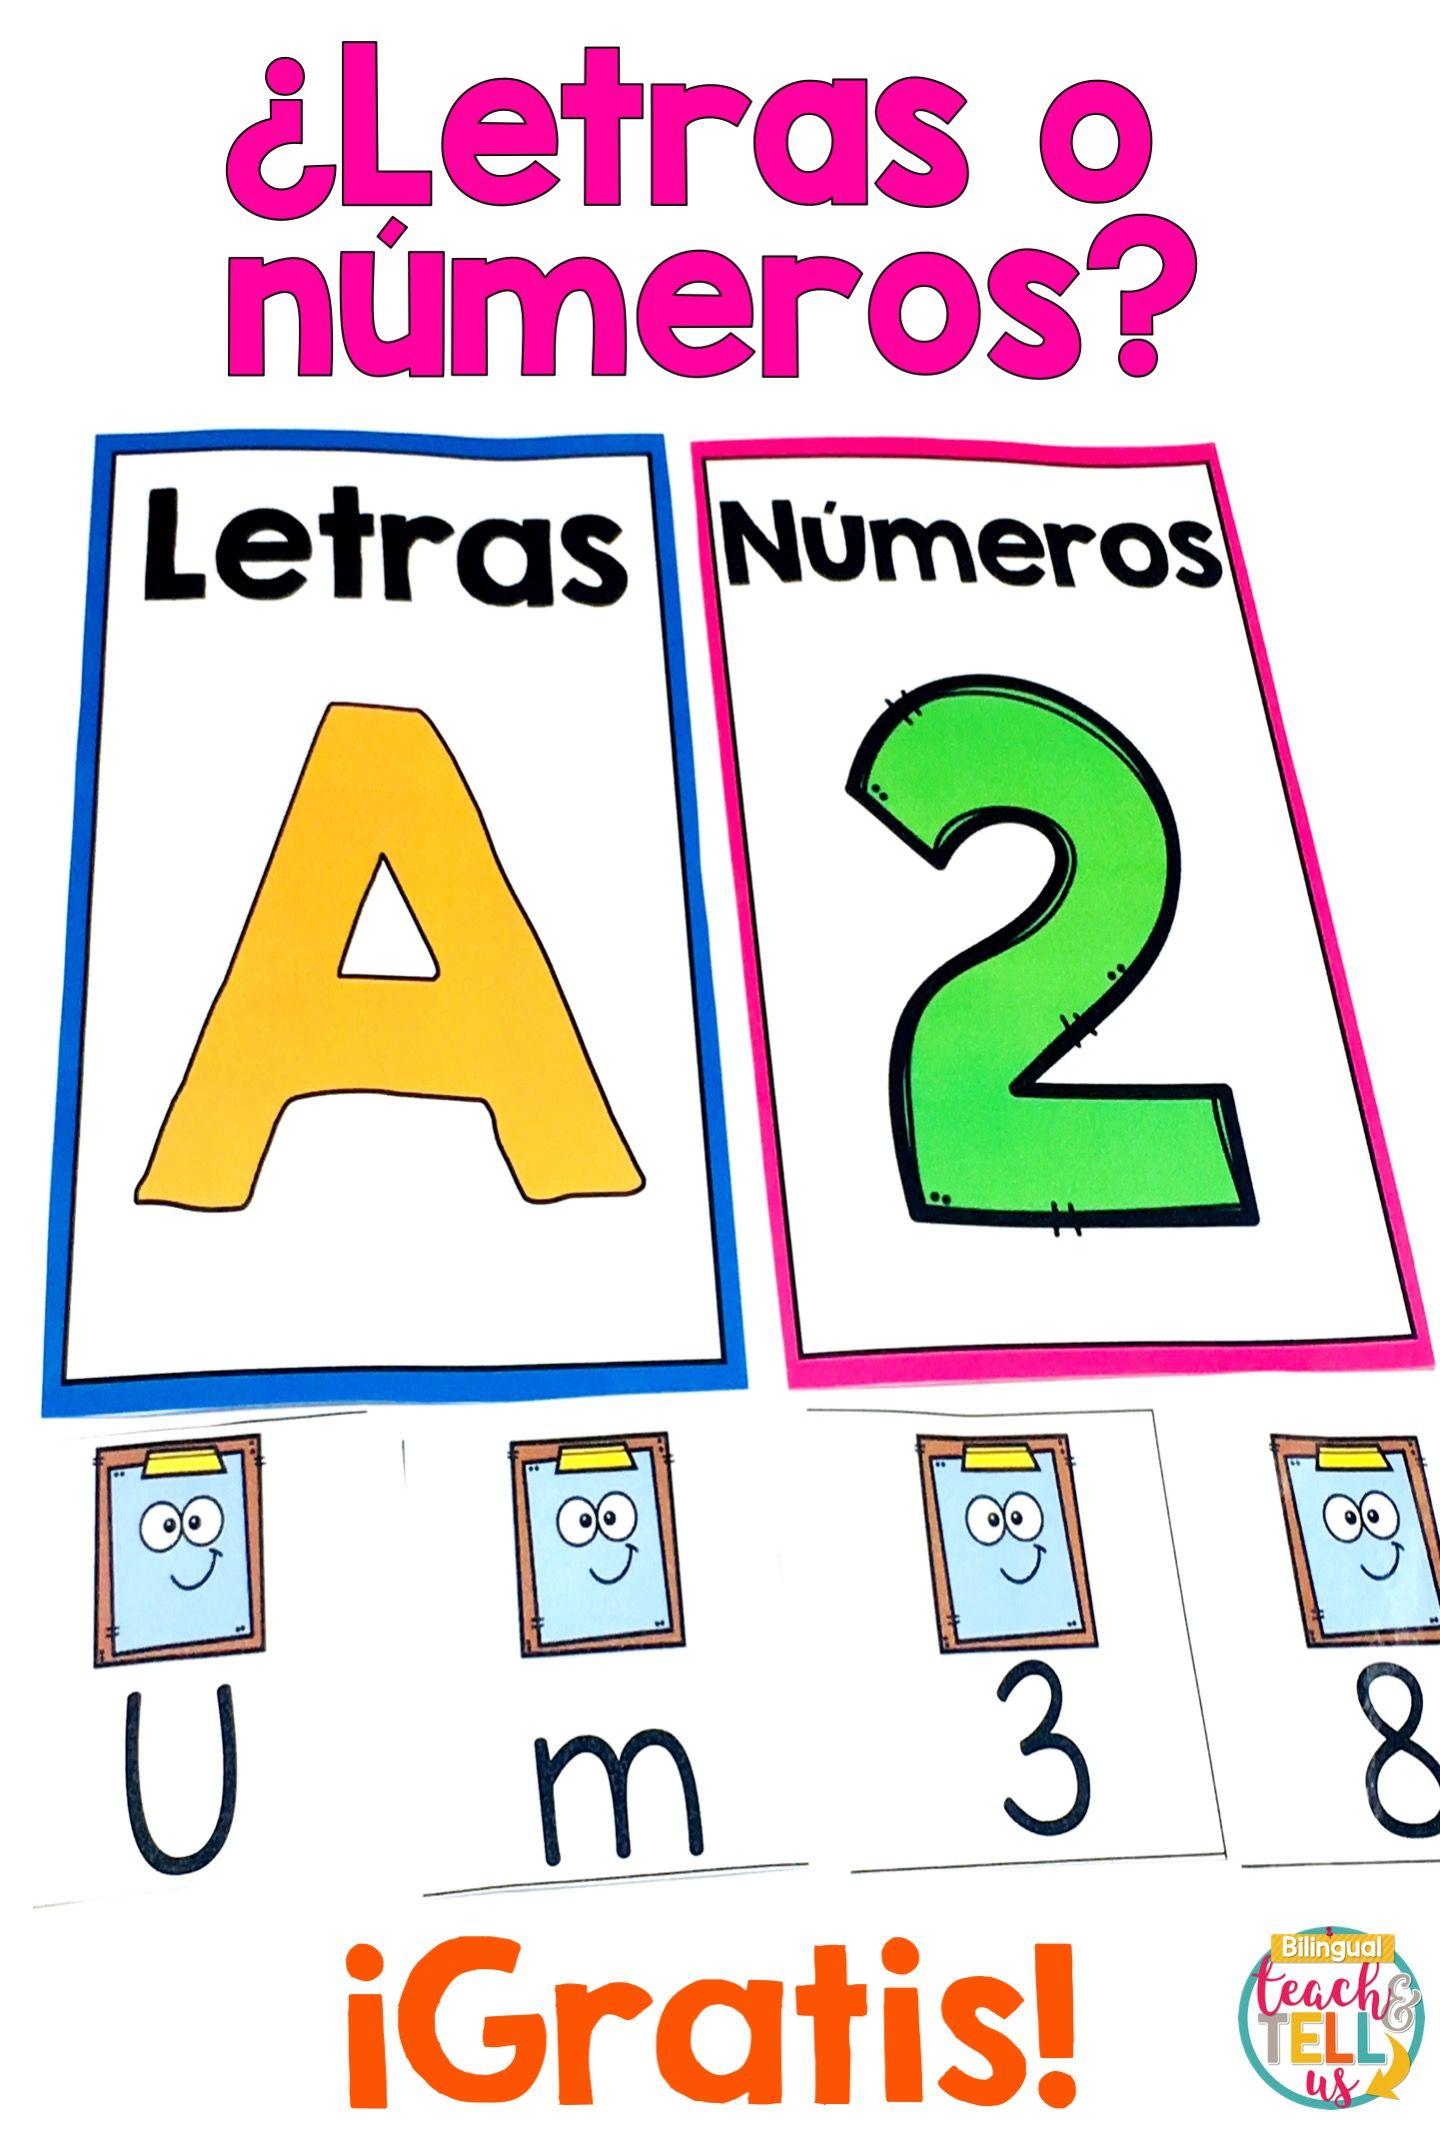 Centro De Lectura Para Kinder Literacy Centers In Spanish Kinder In 2020 Spanish Reading Literacy Centers Kinder Literacy Centers [ 2144 x 1440 Pixel ]